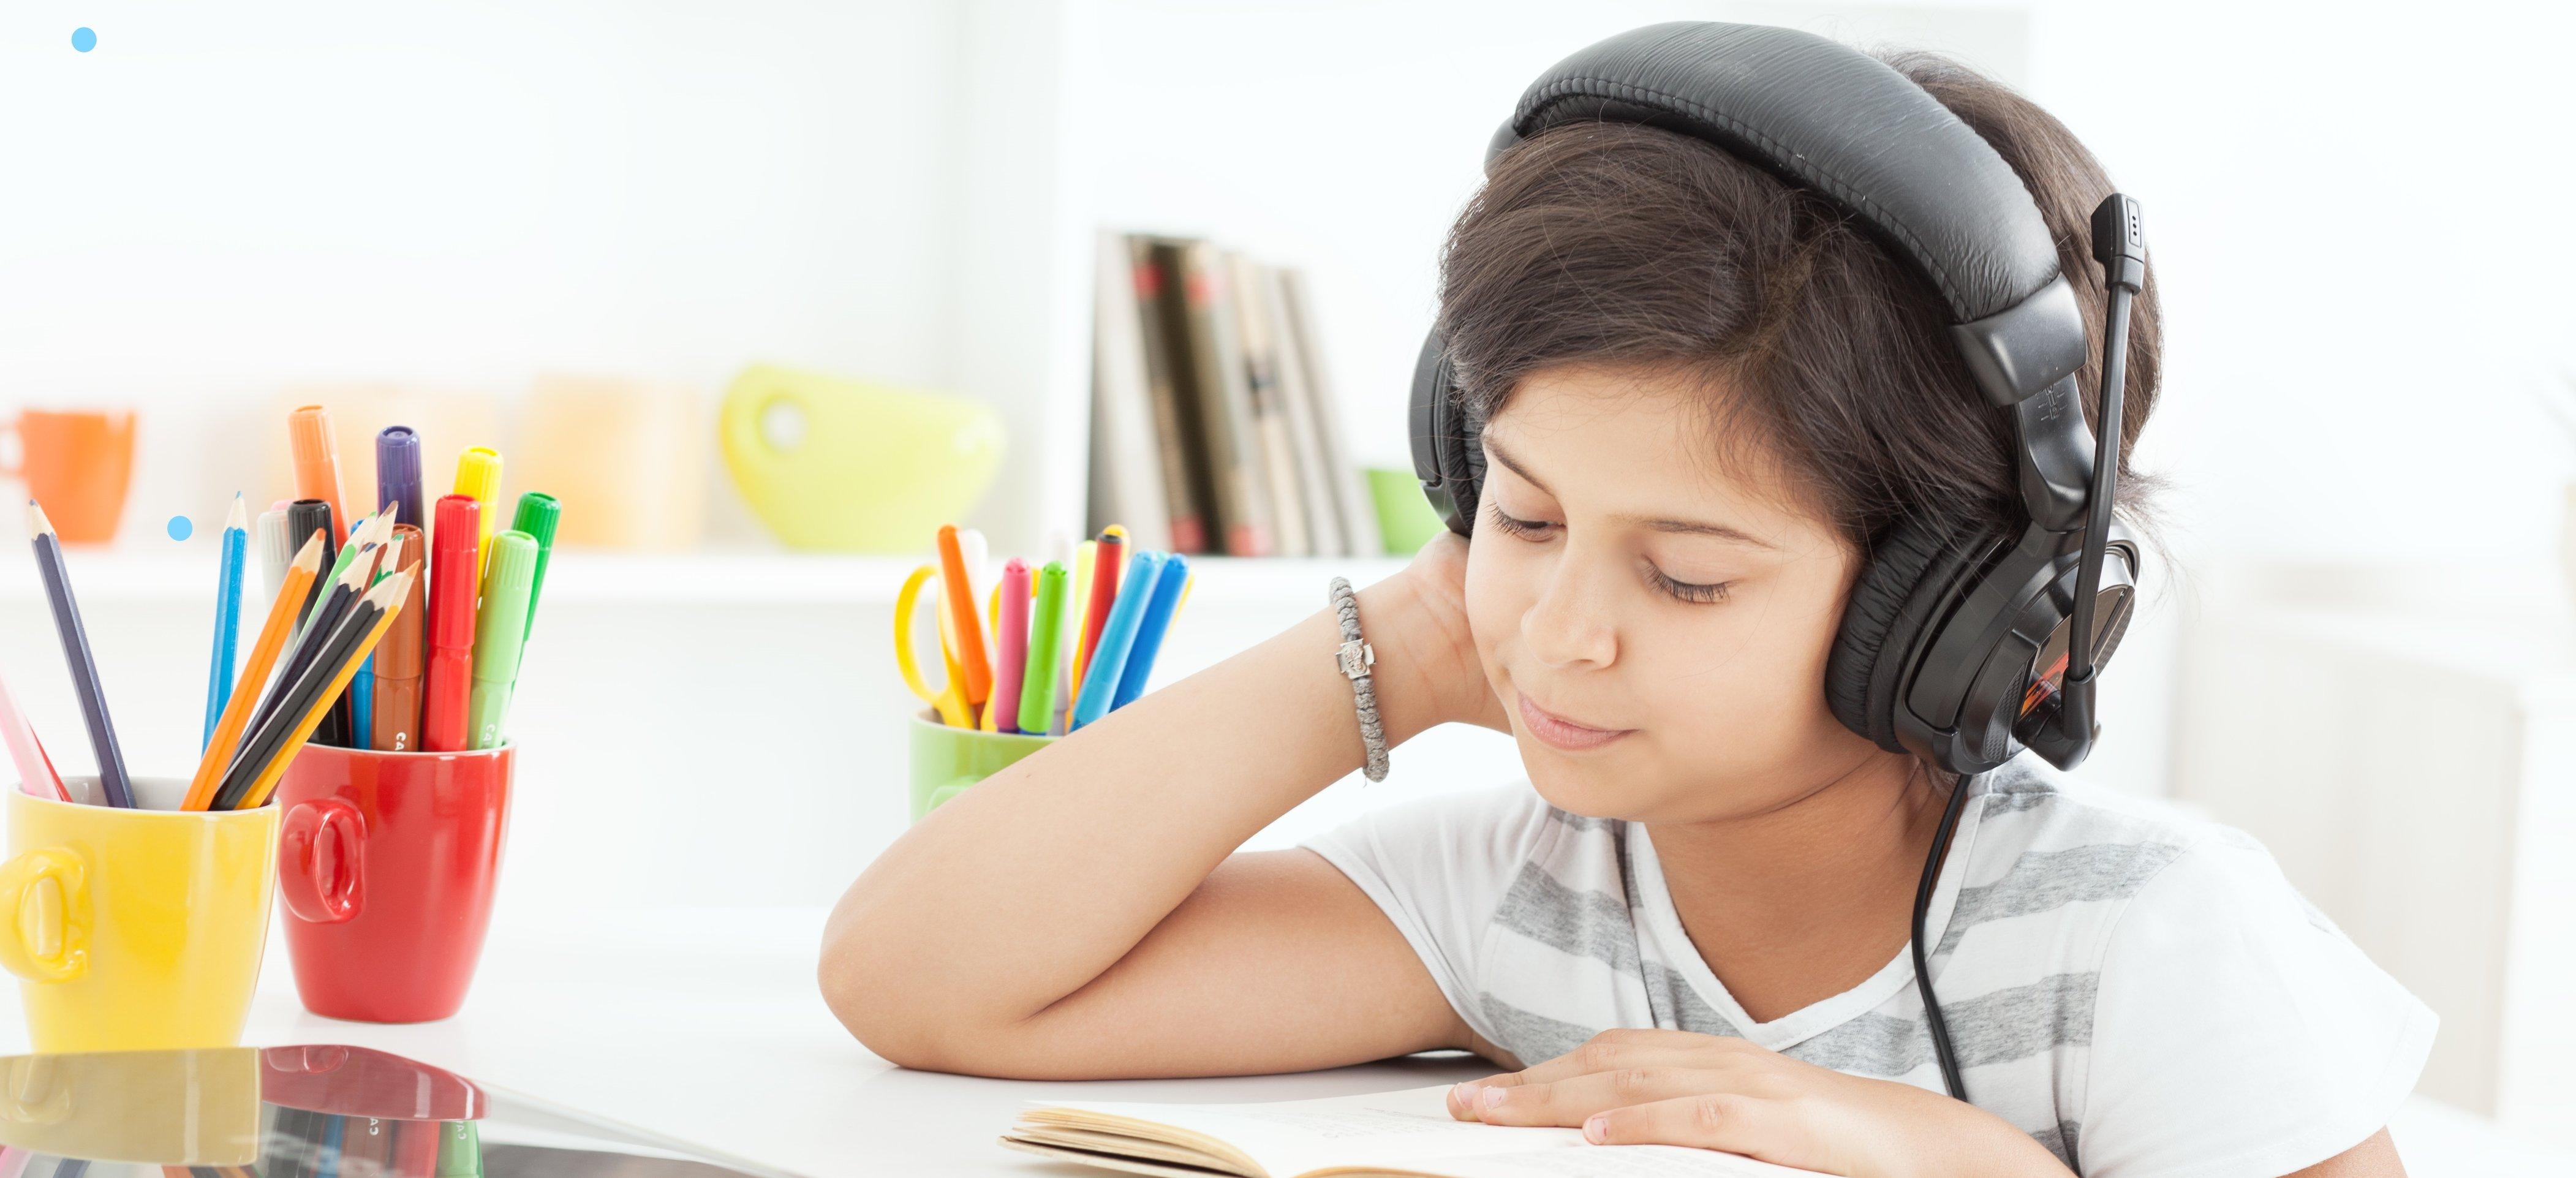 ילדה קוראת עם אוזניות